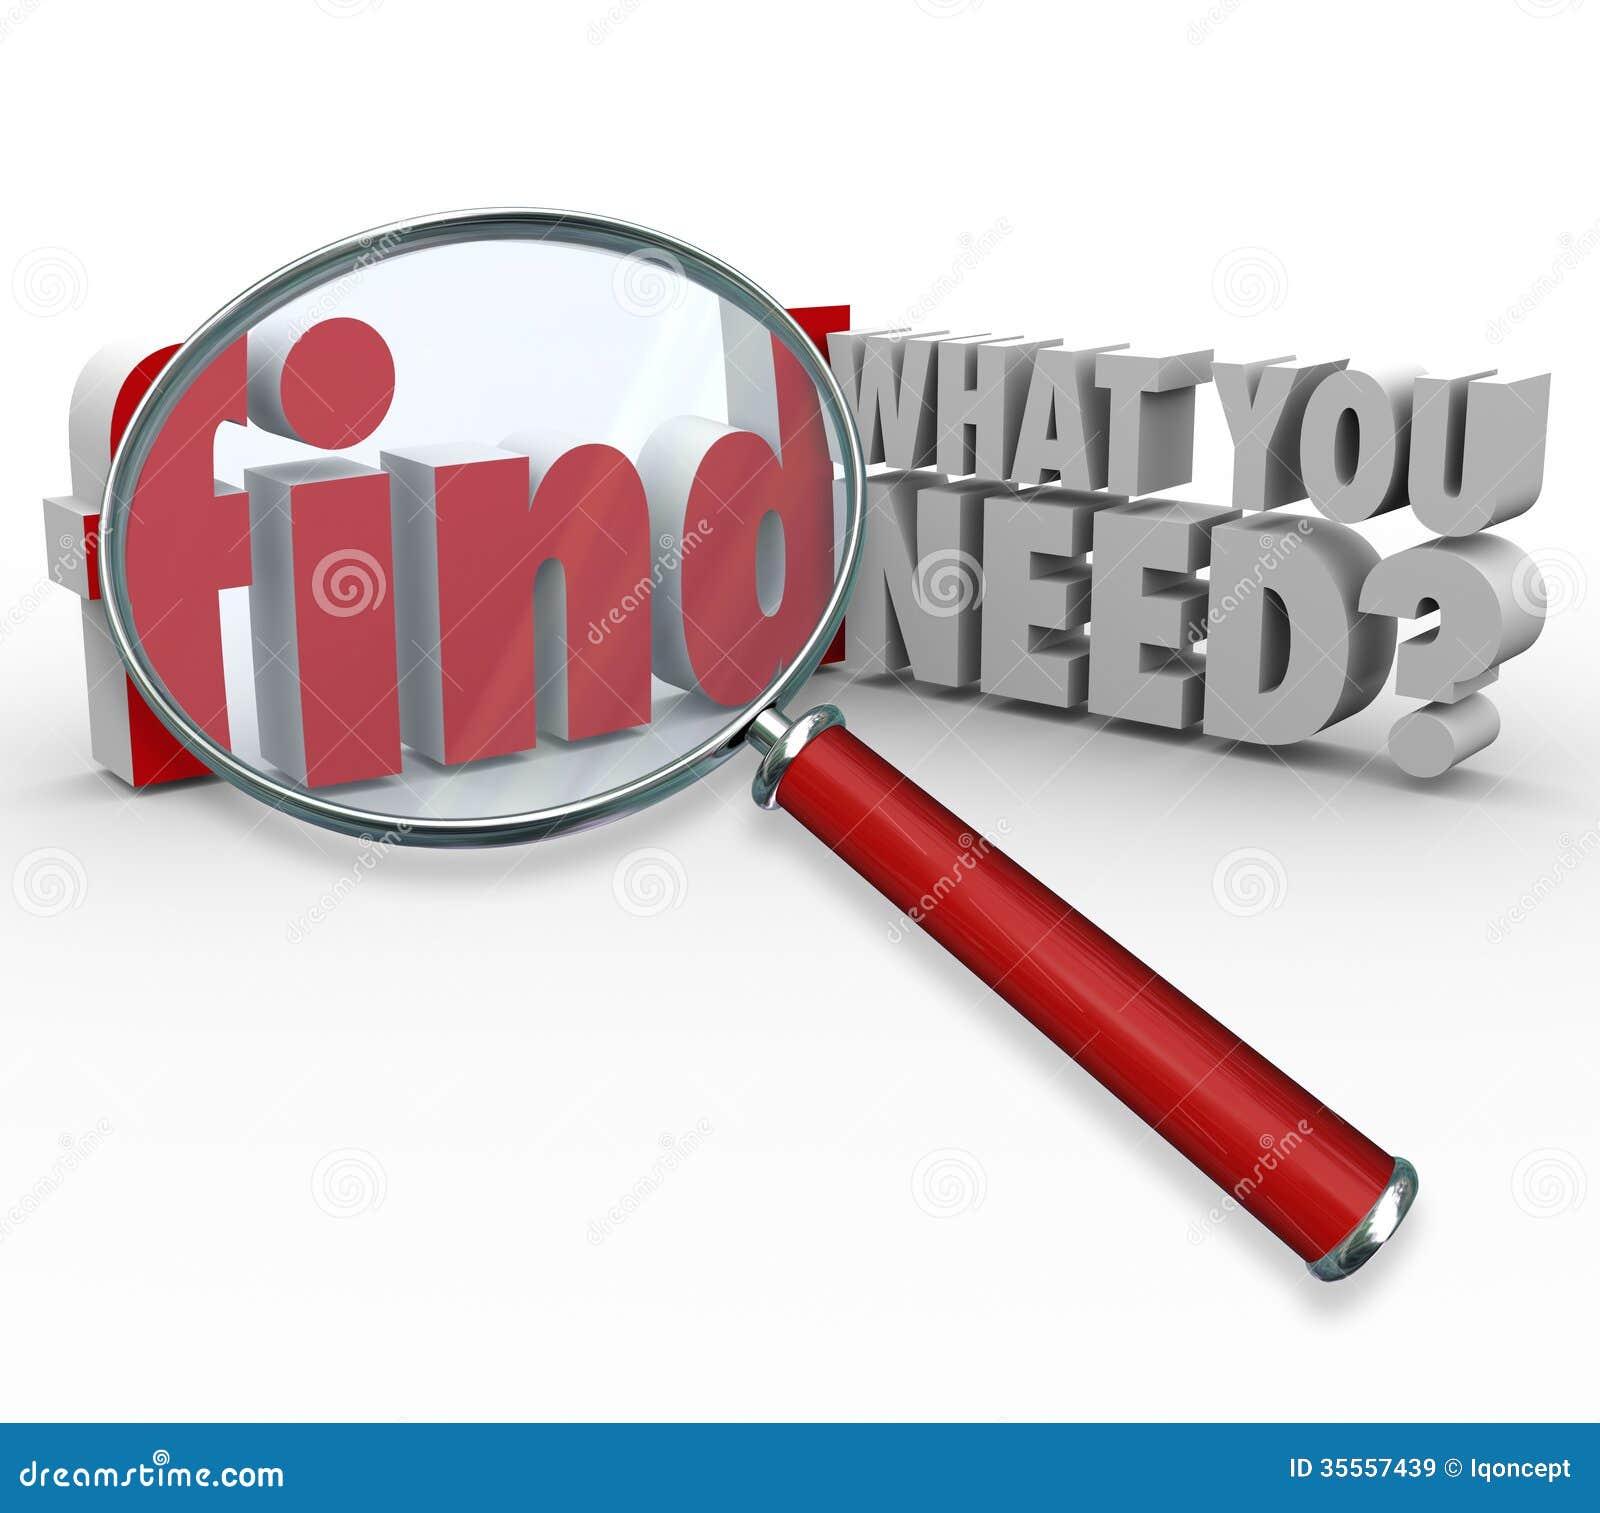 发现什么您需要搜寻对于信息的放大镜